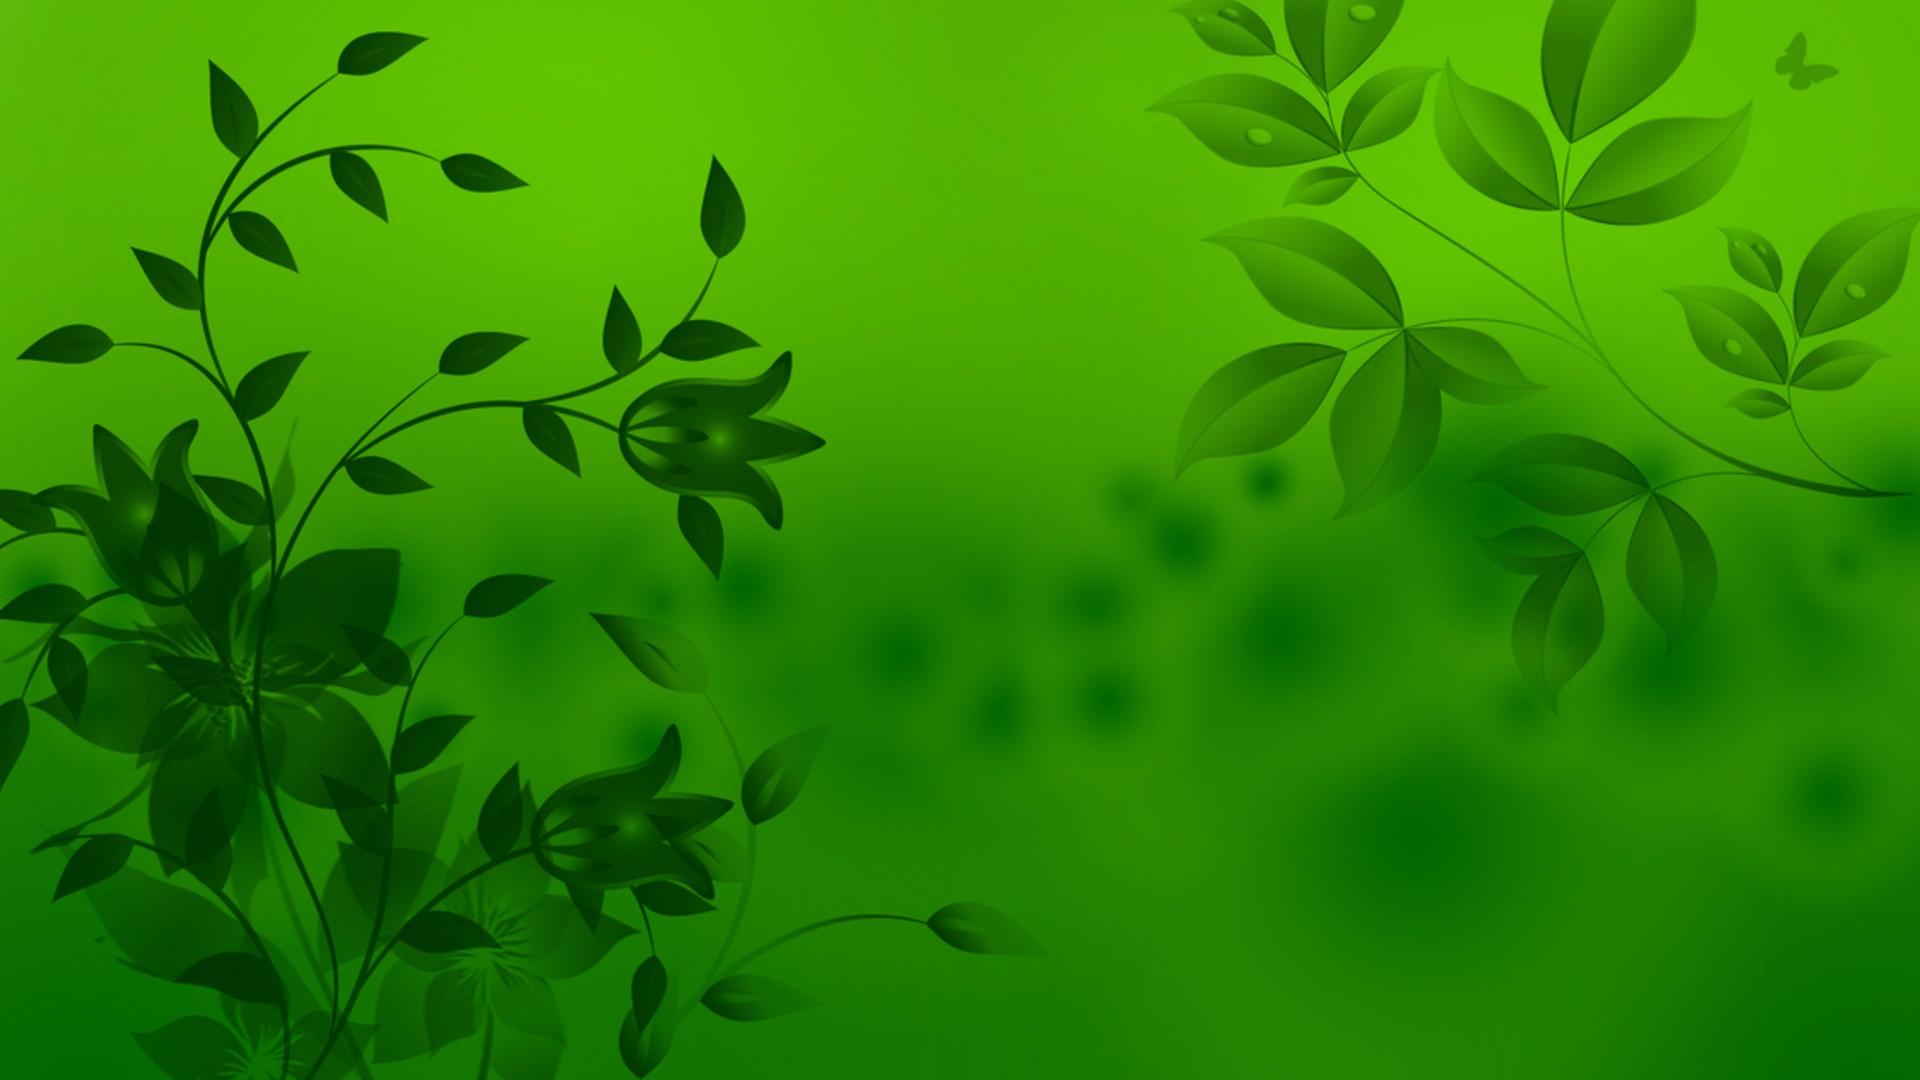 Hình nền xanh lá đơn giản